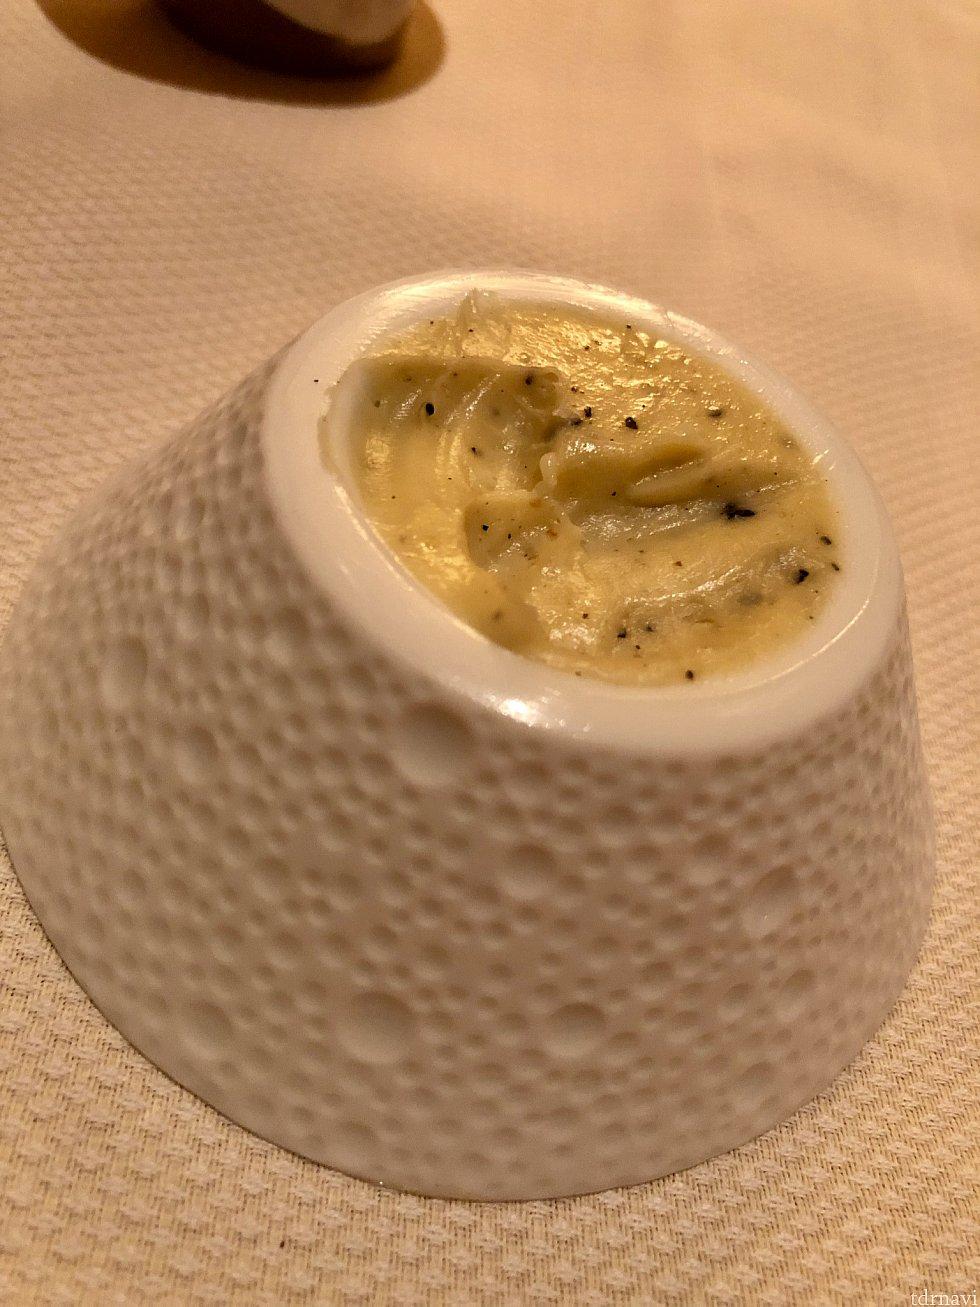 バターもトリュフ入りなので、トリュフの香りが口の中に広がります。